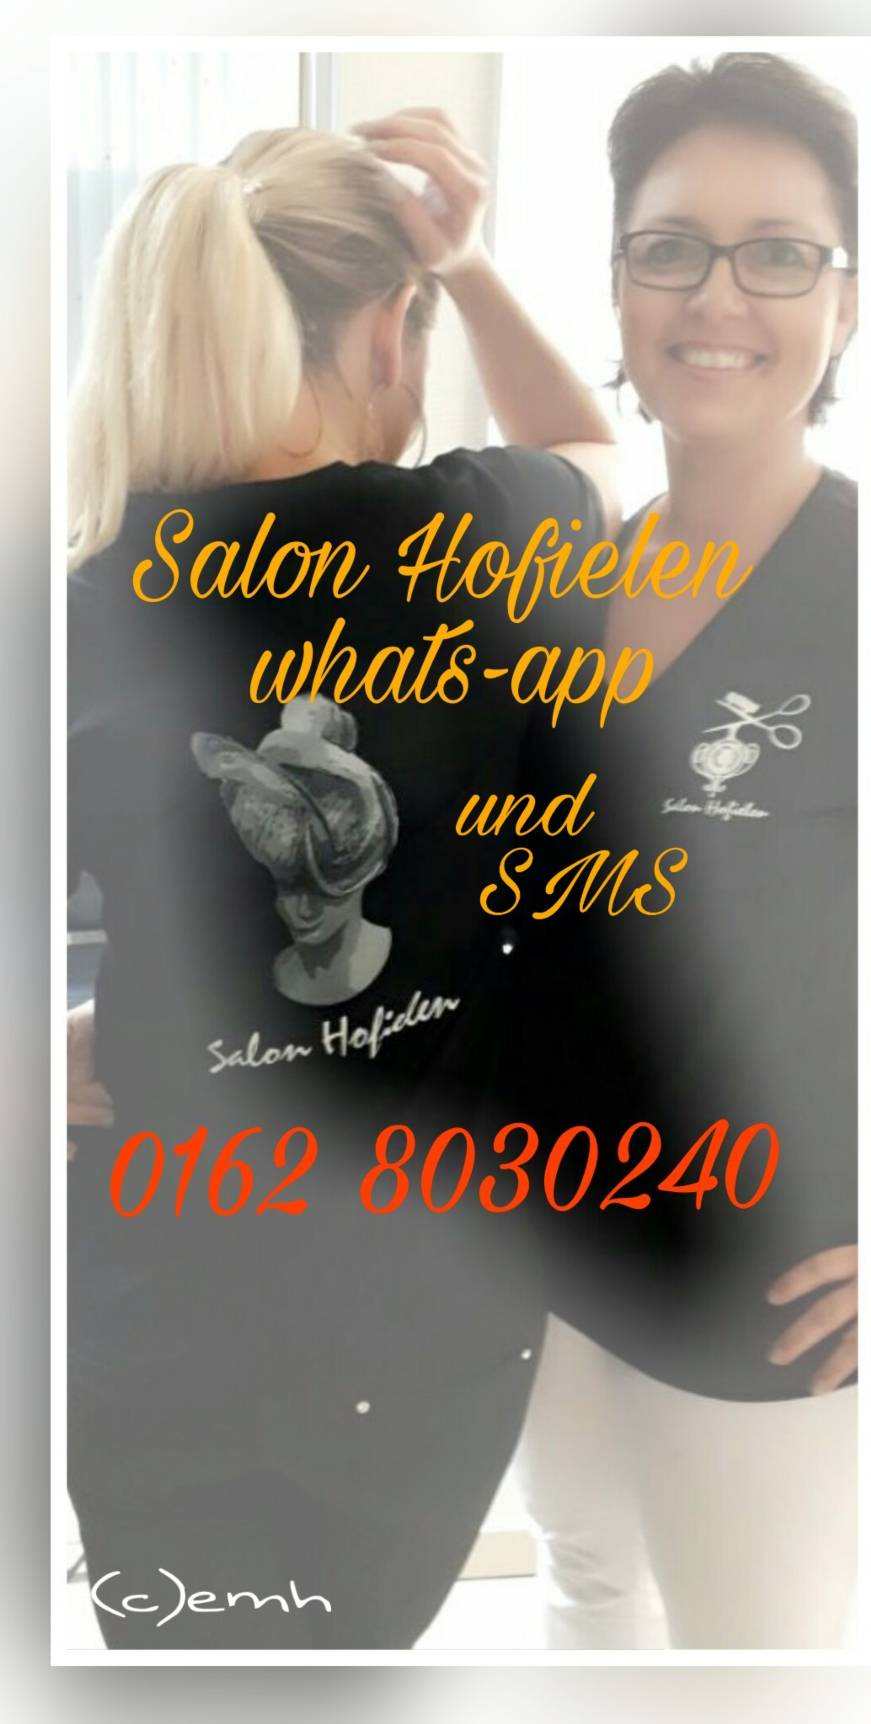 Salon Hofielen Haarstyling in Schwäbisch Gmünd - Startseite